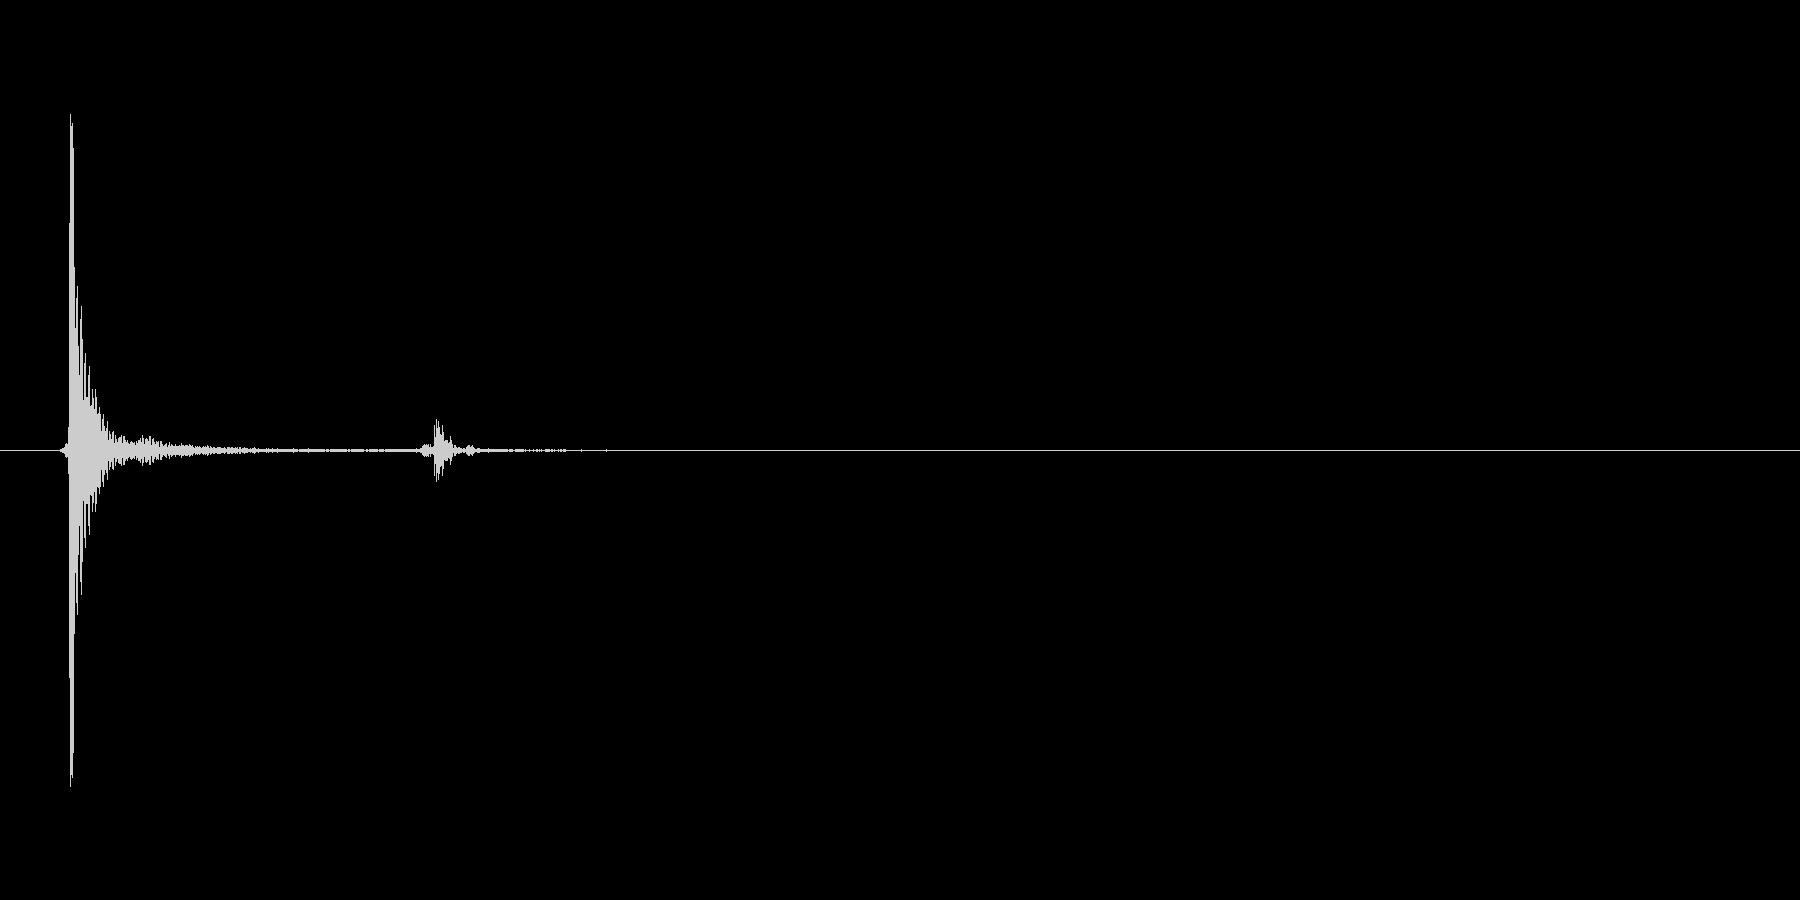 カチッと照明のスイッチを押す音_その2の未再生の波形